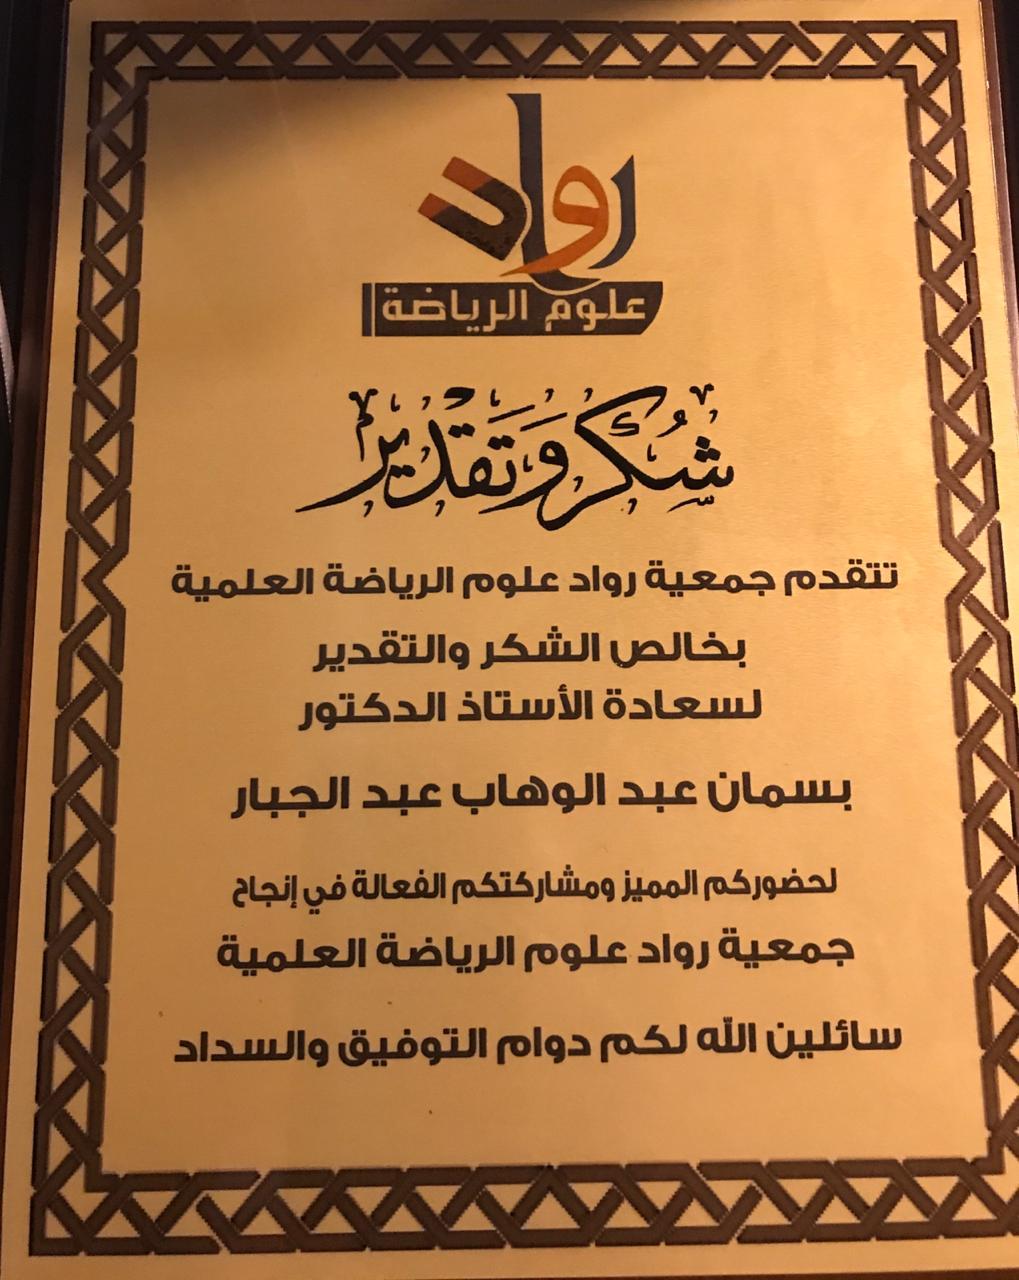 جمعية رواد علوم الرياضة تكرم الاستاذ الدكتور بسمان عبد الوهاب عبد الجبار